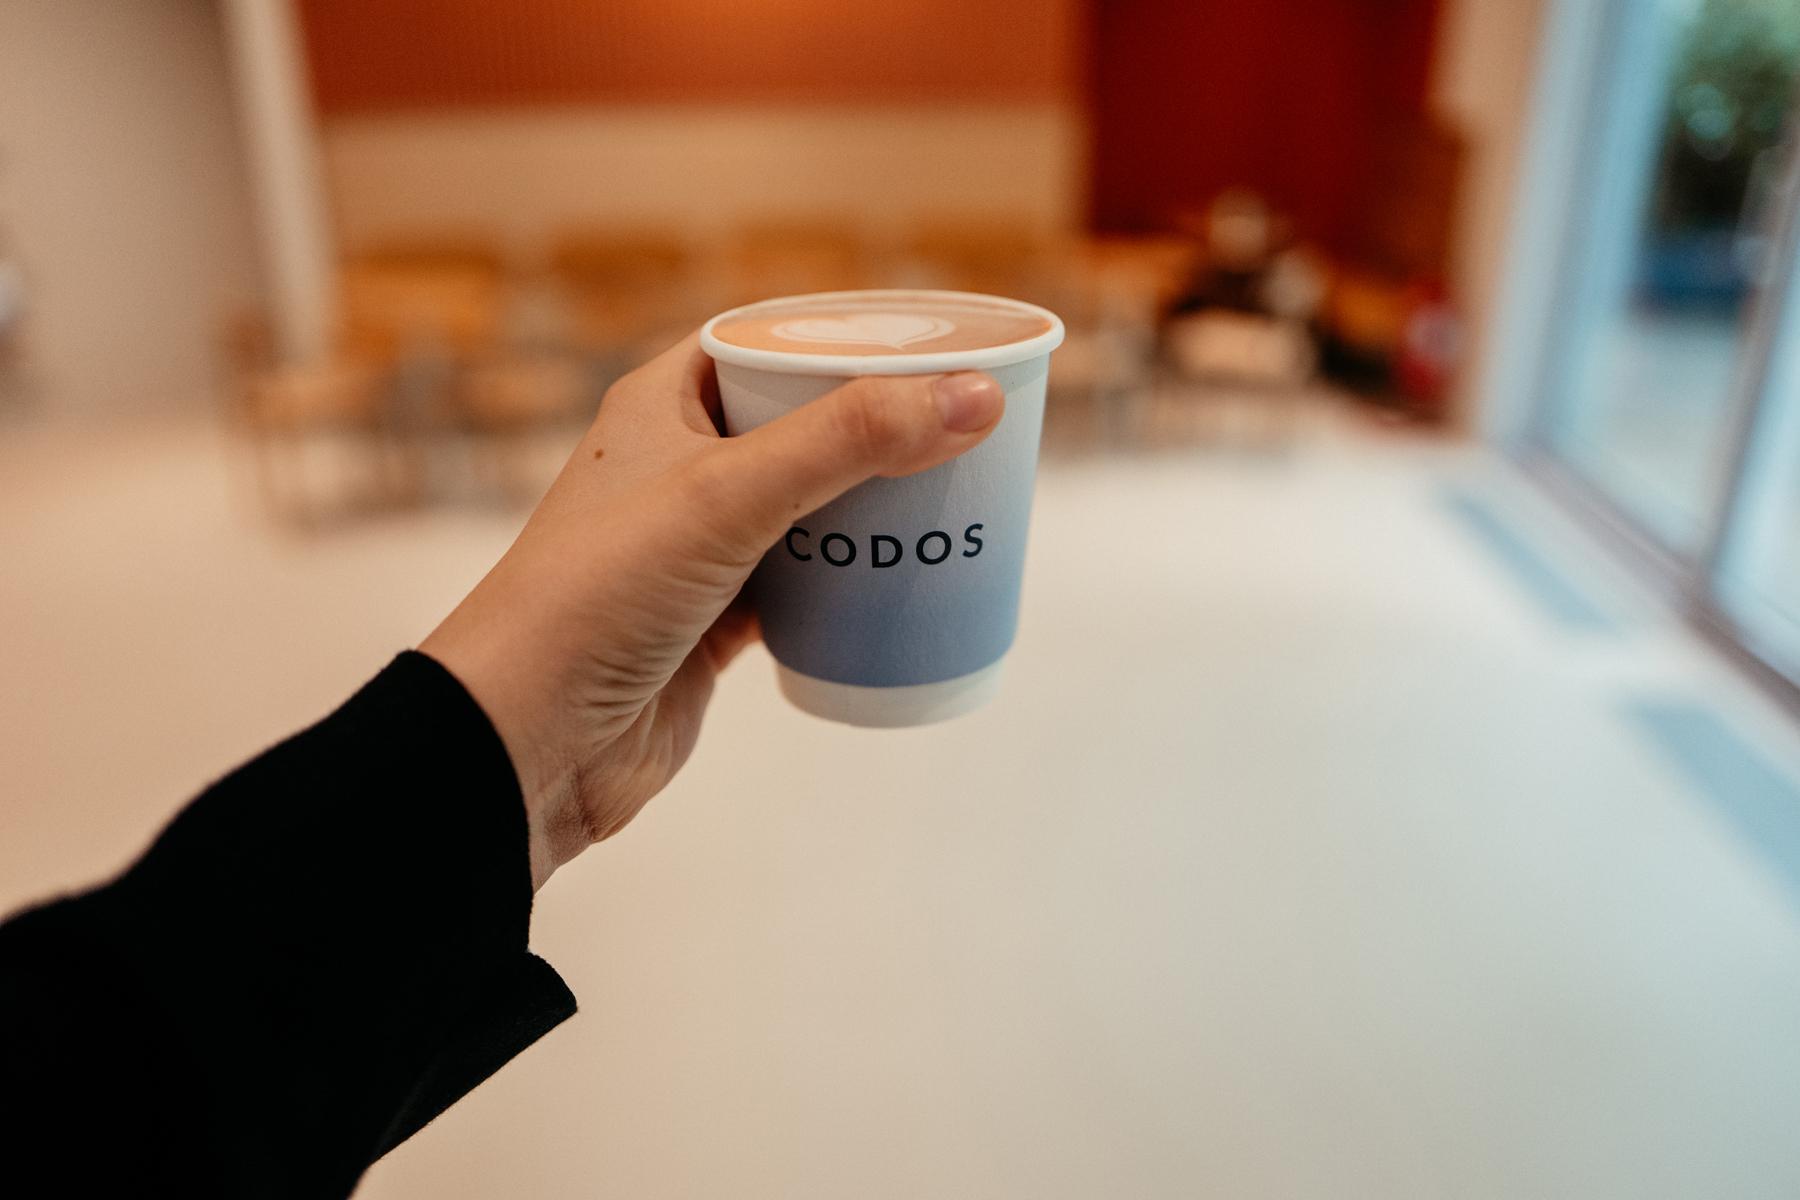 Geheimtipp Hamburg Altona Café Codos Dahlina Sophie Kock 38